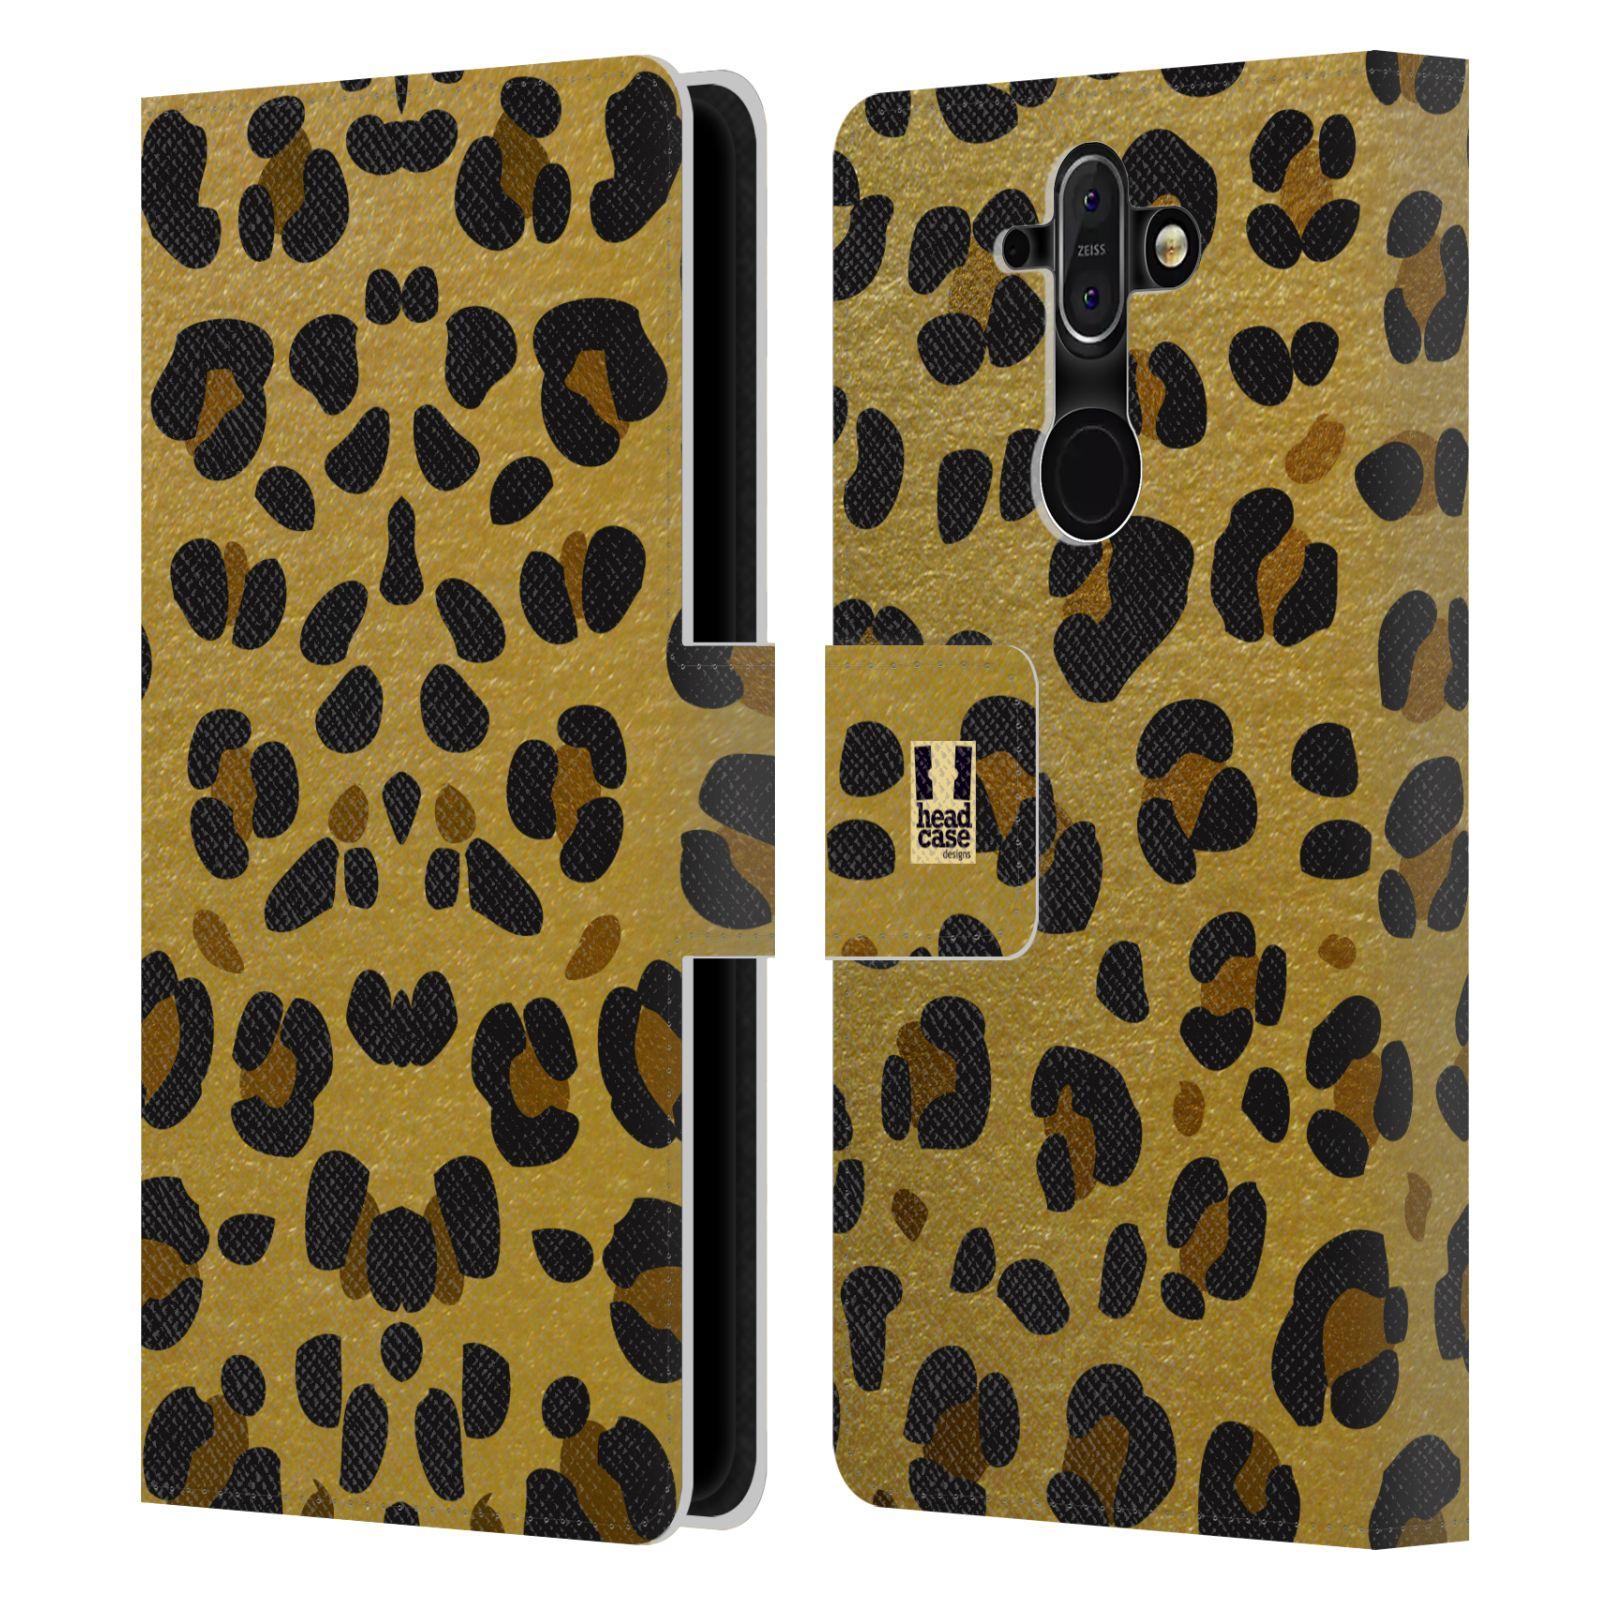 Pouzdro na mobil Nokia 8 Sirocco - Head Case - Fashion zvířecí vzor